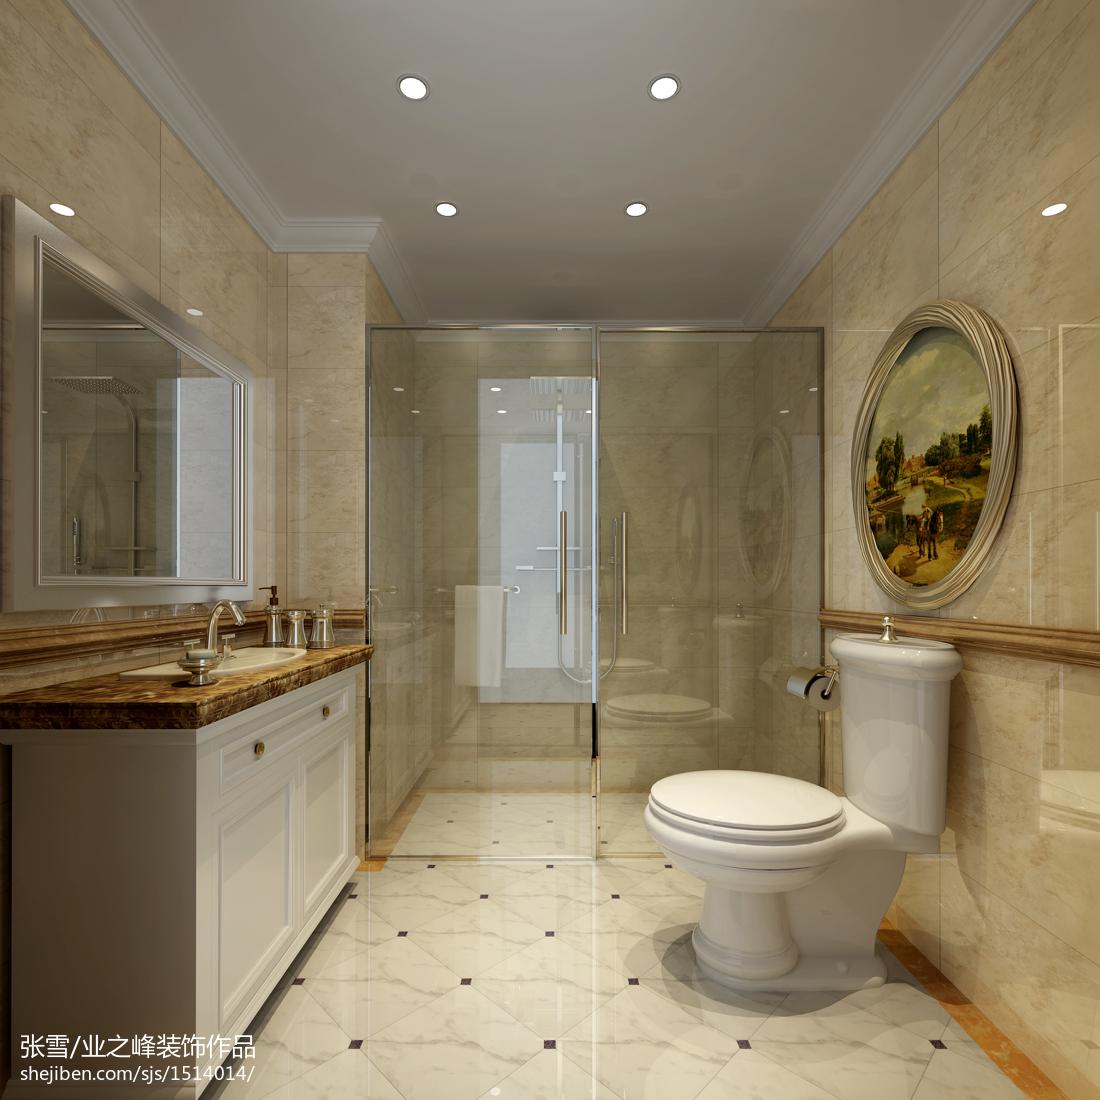 田园清新风格复式卫生间设计